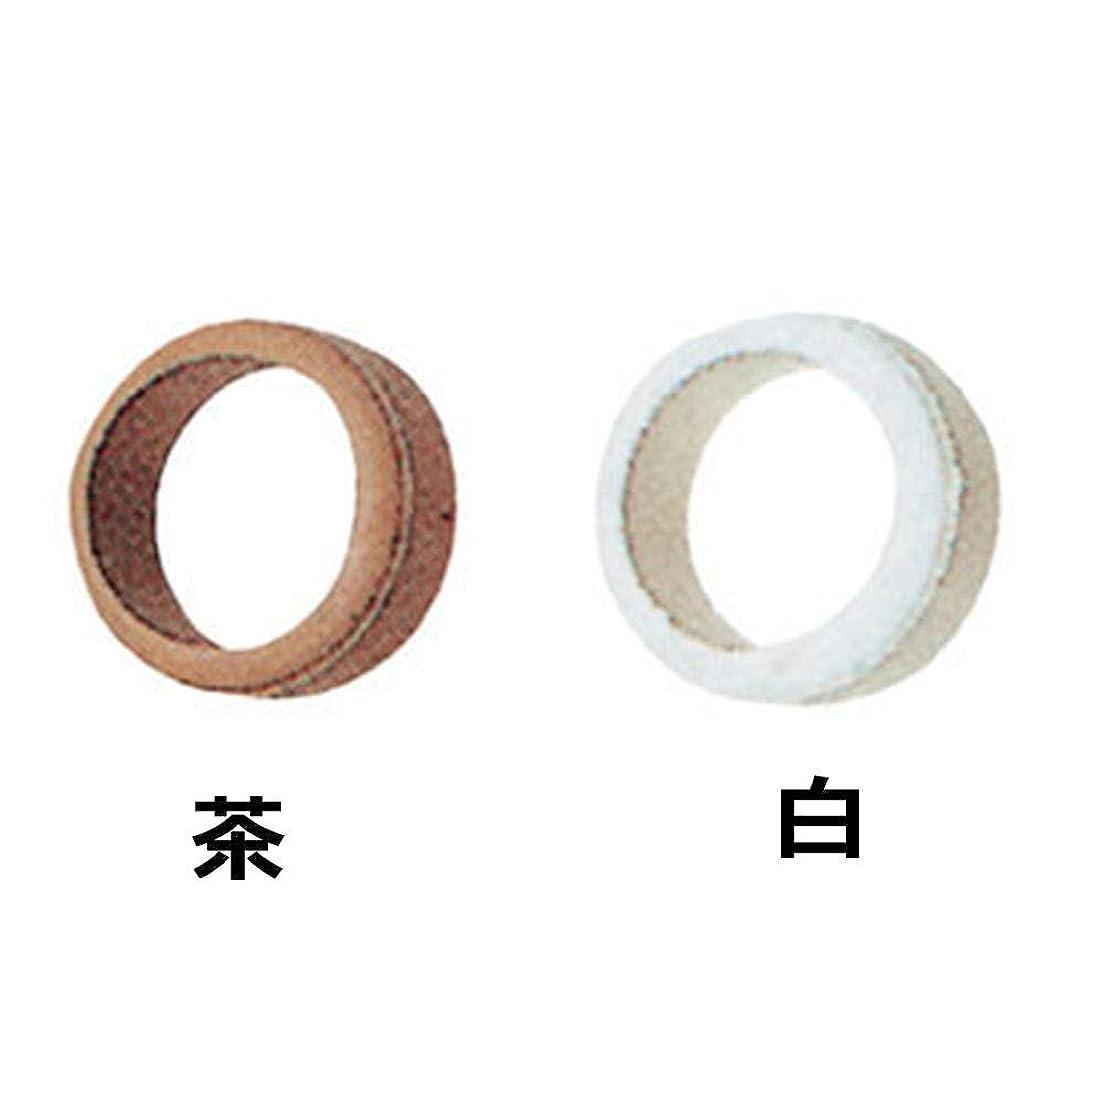 男やもめ娯楽靴下木刀 鍔止め ツバ止めゴム(白、茶) Rubber Tsubadome for Bokken (White,Brown)